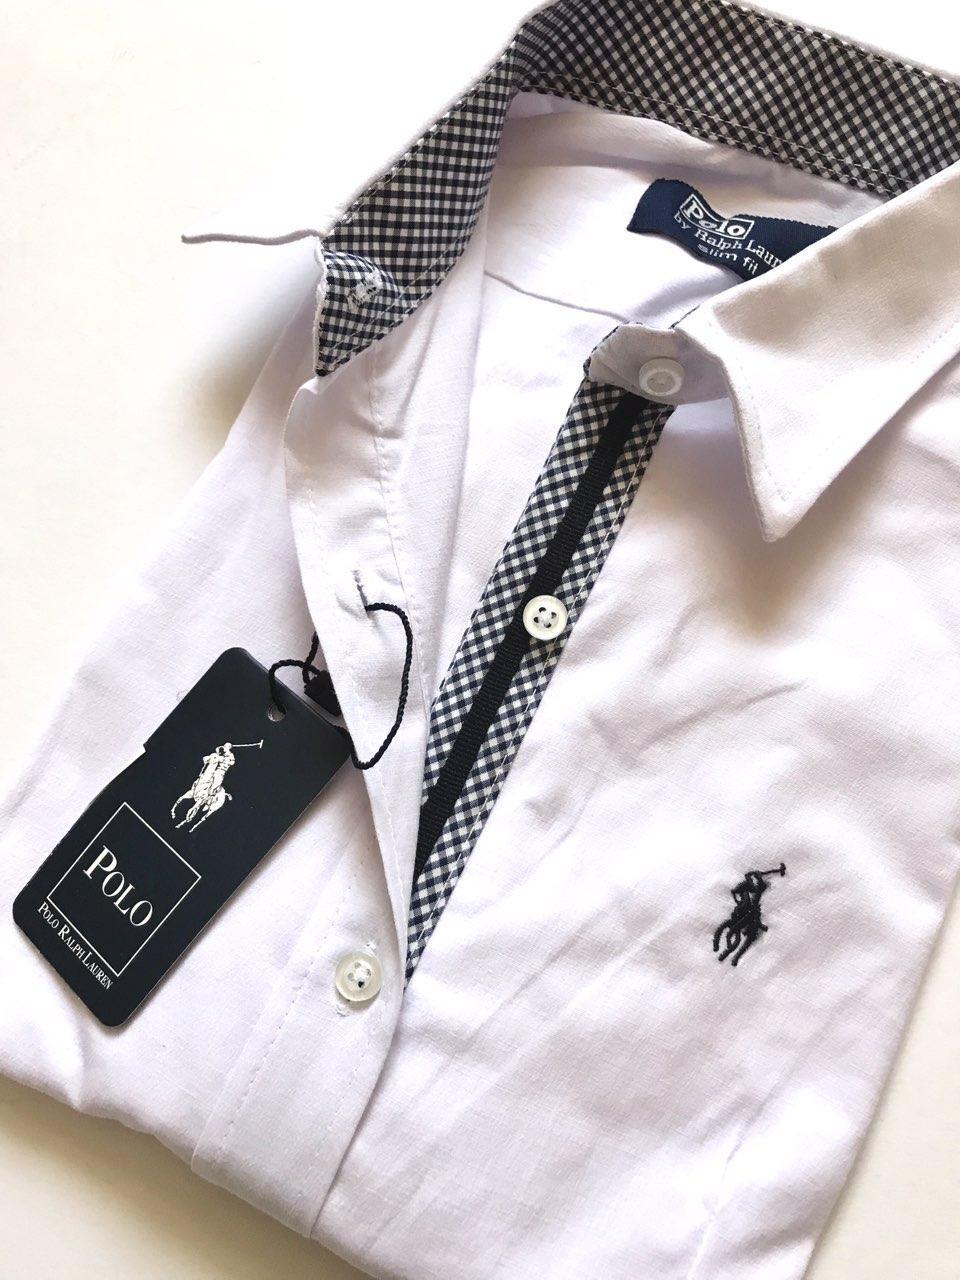 2dbbf3632e7368a Женская рубашка Polo Ralph Lauren белая с синими вставками, цена 650 грн.,  купить в Запорожье — Prom.ua (ID#955490833)